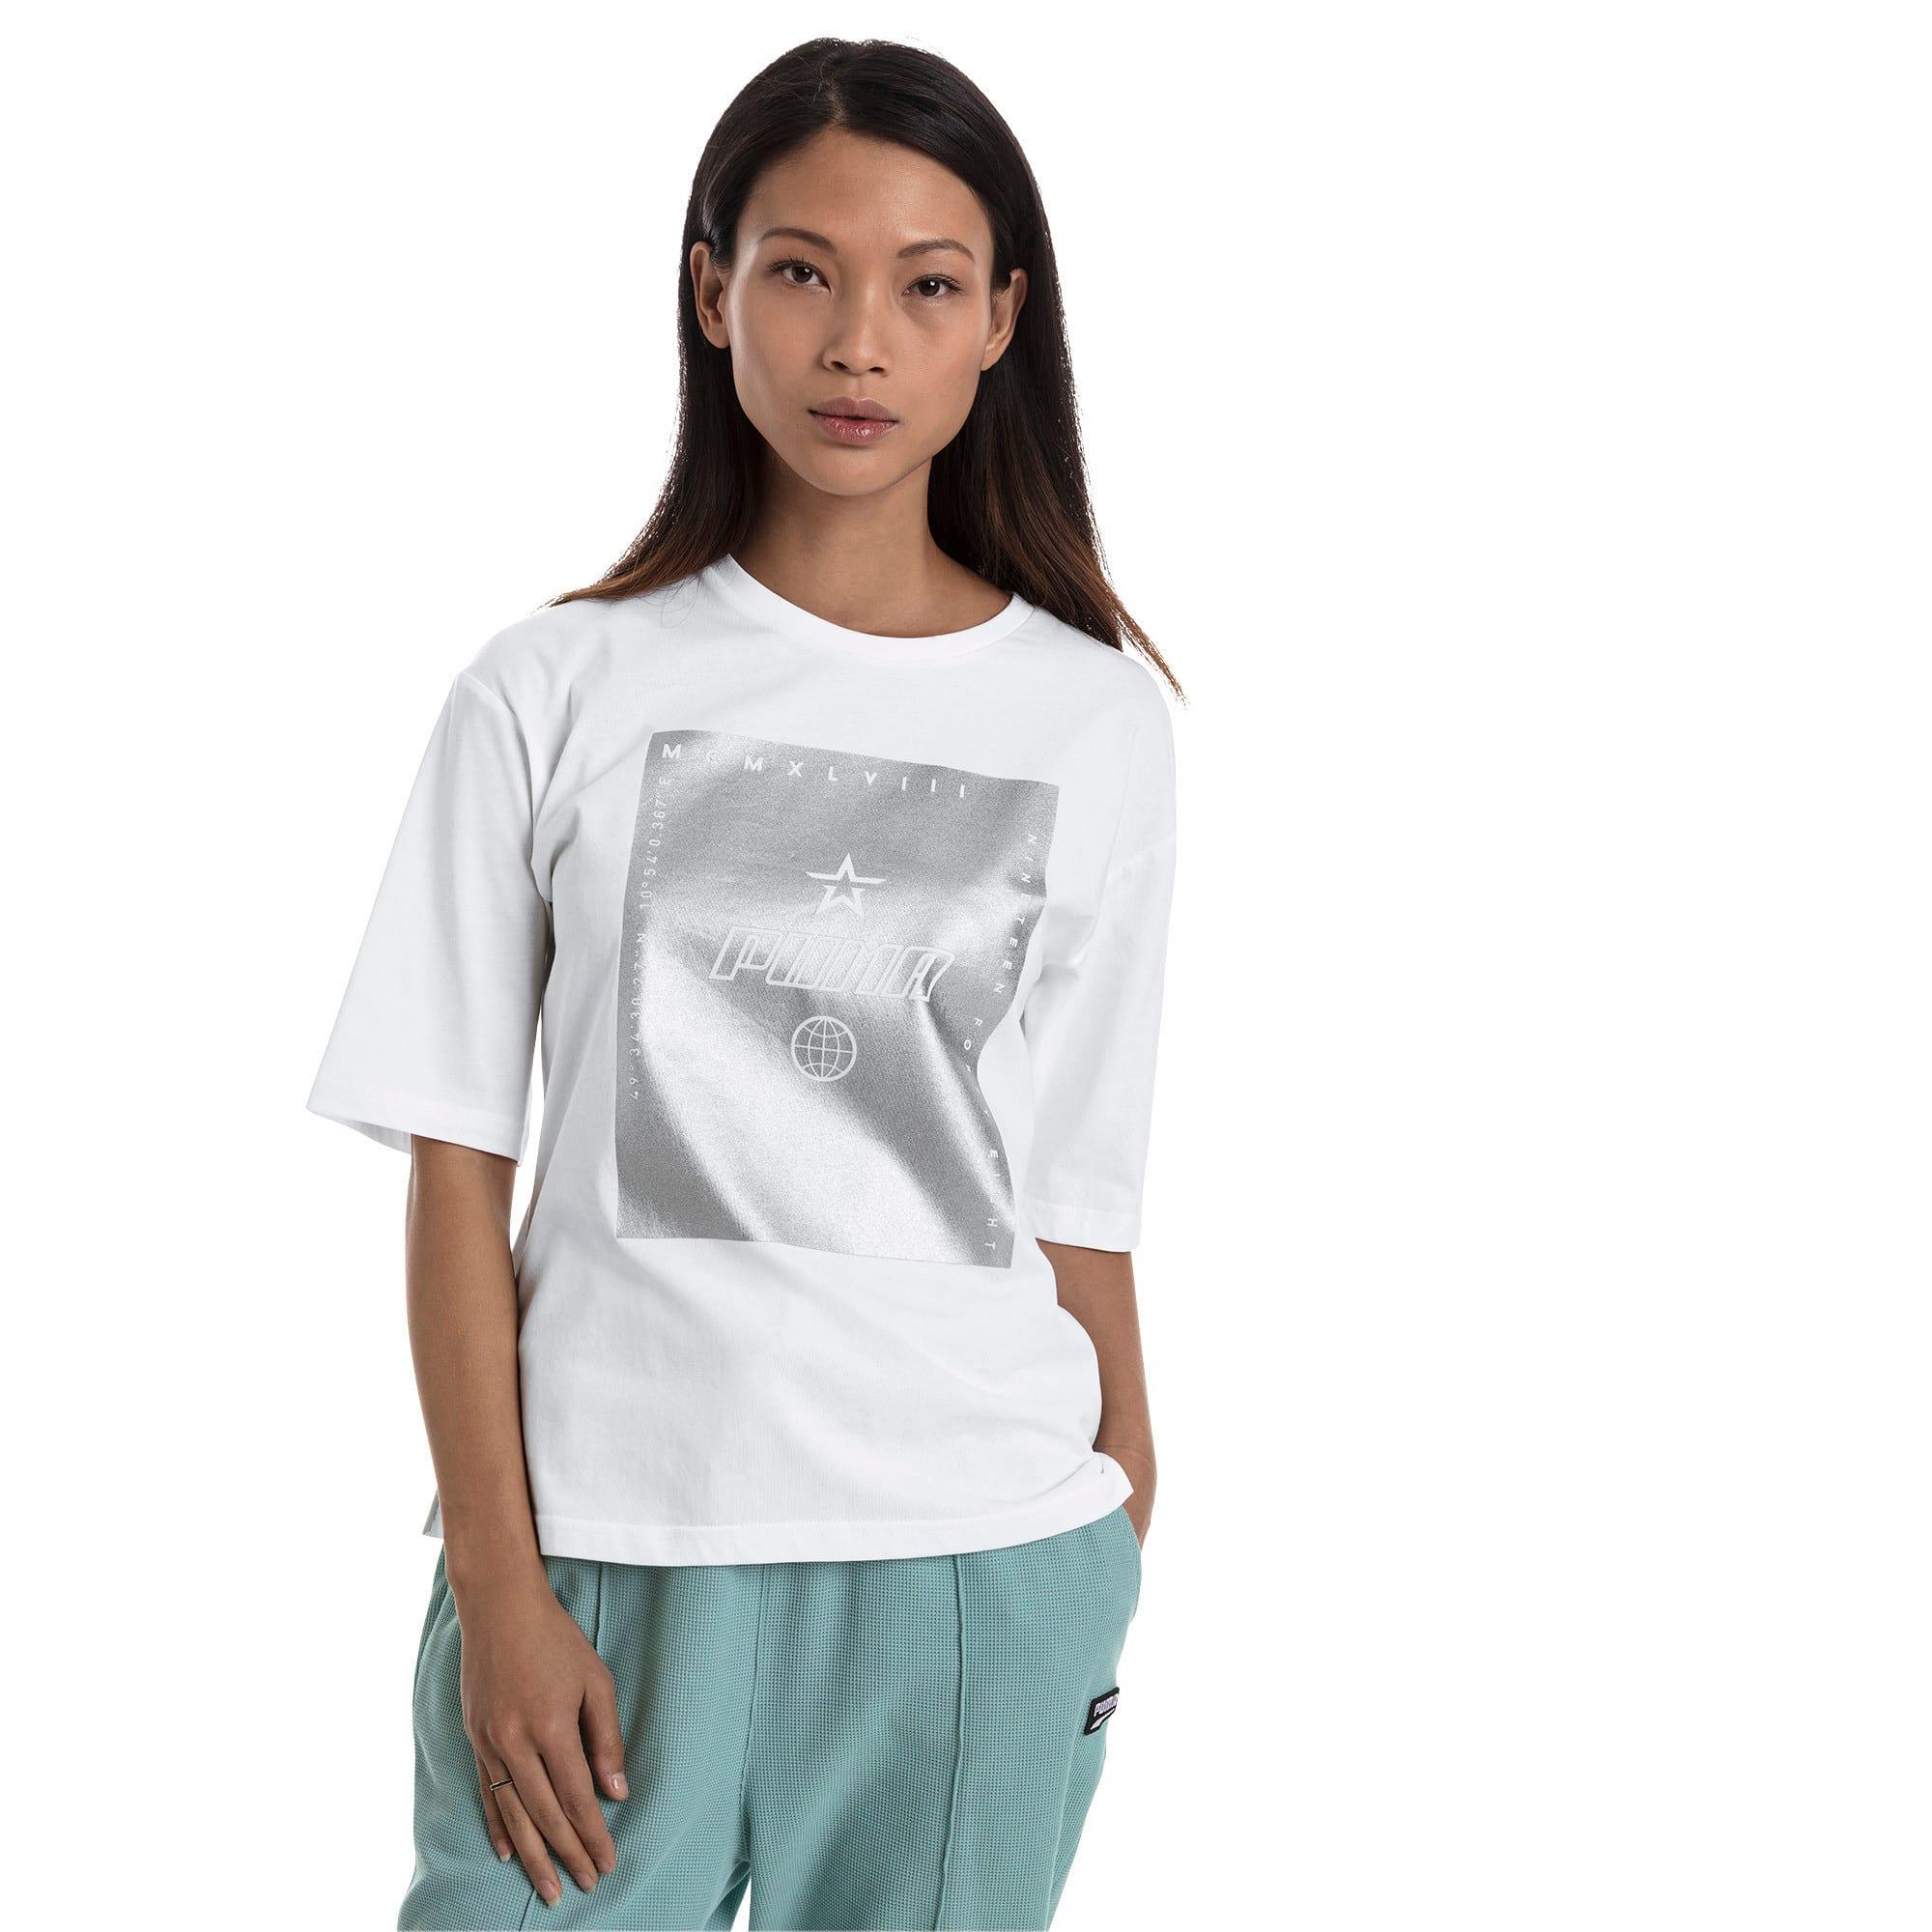 Miniatura 2 de Camiseta Trailblazer para mujer, Puma White, mediano